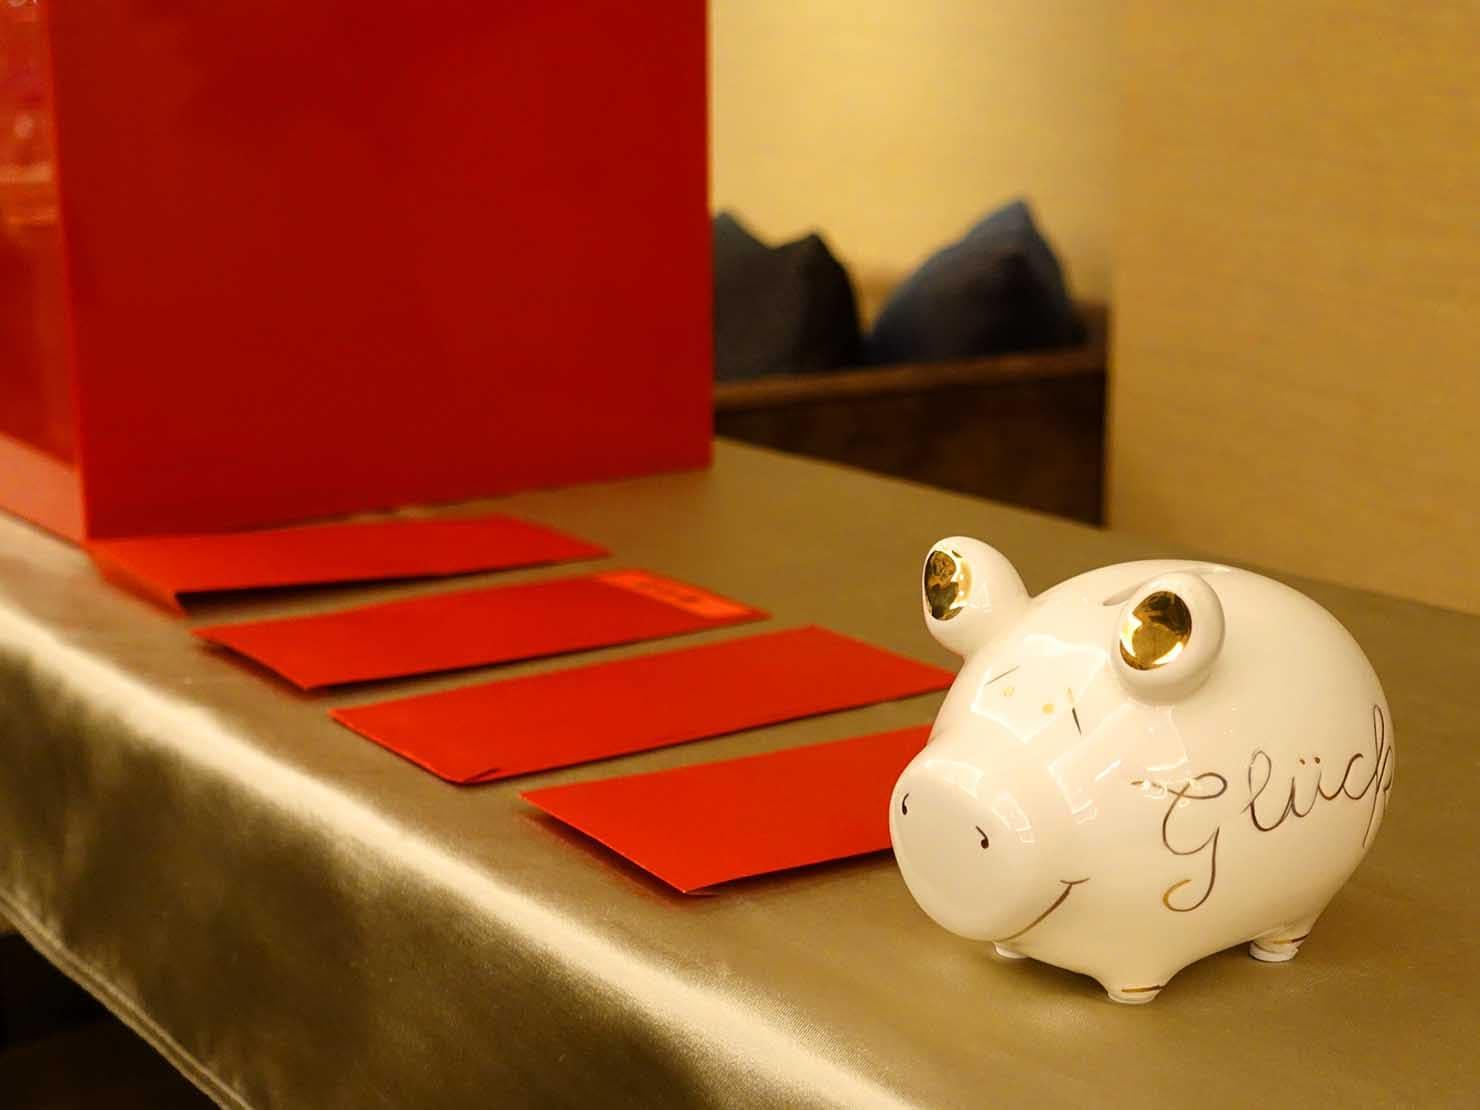 台湾春節前の定番忘年会「尾牙(ウェイヤー)」の抽選プレゼント・紅包(お年玉)